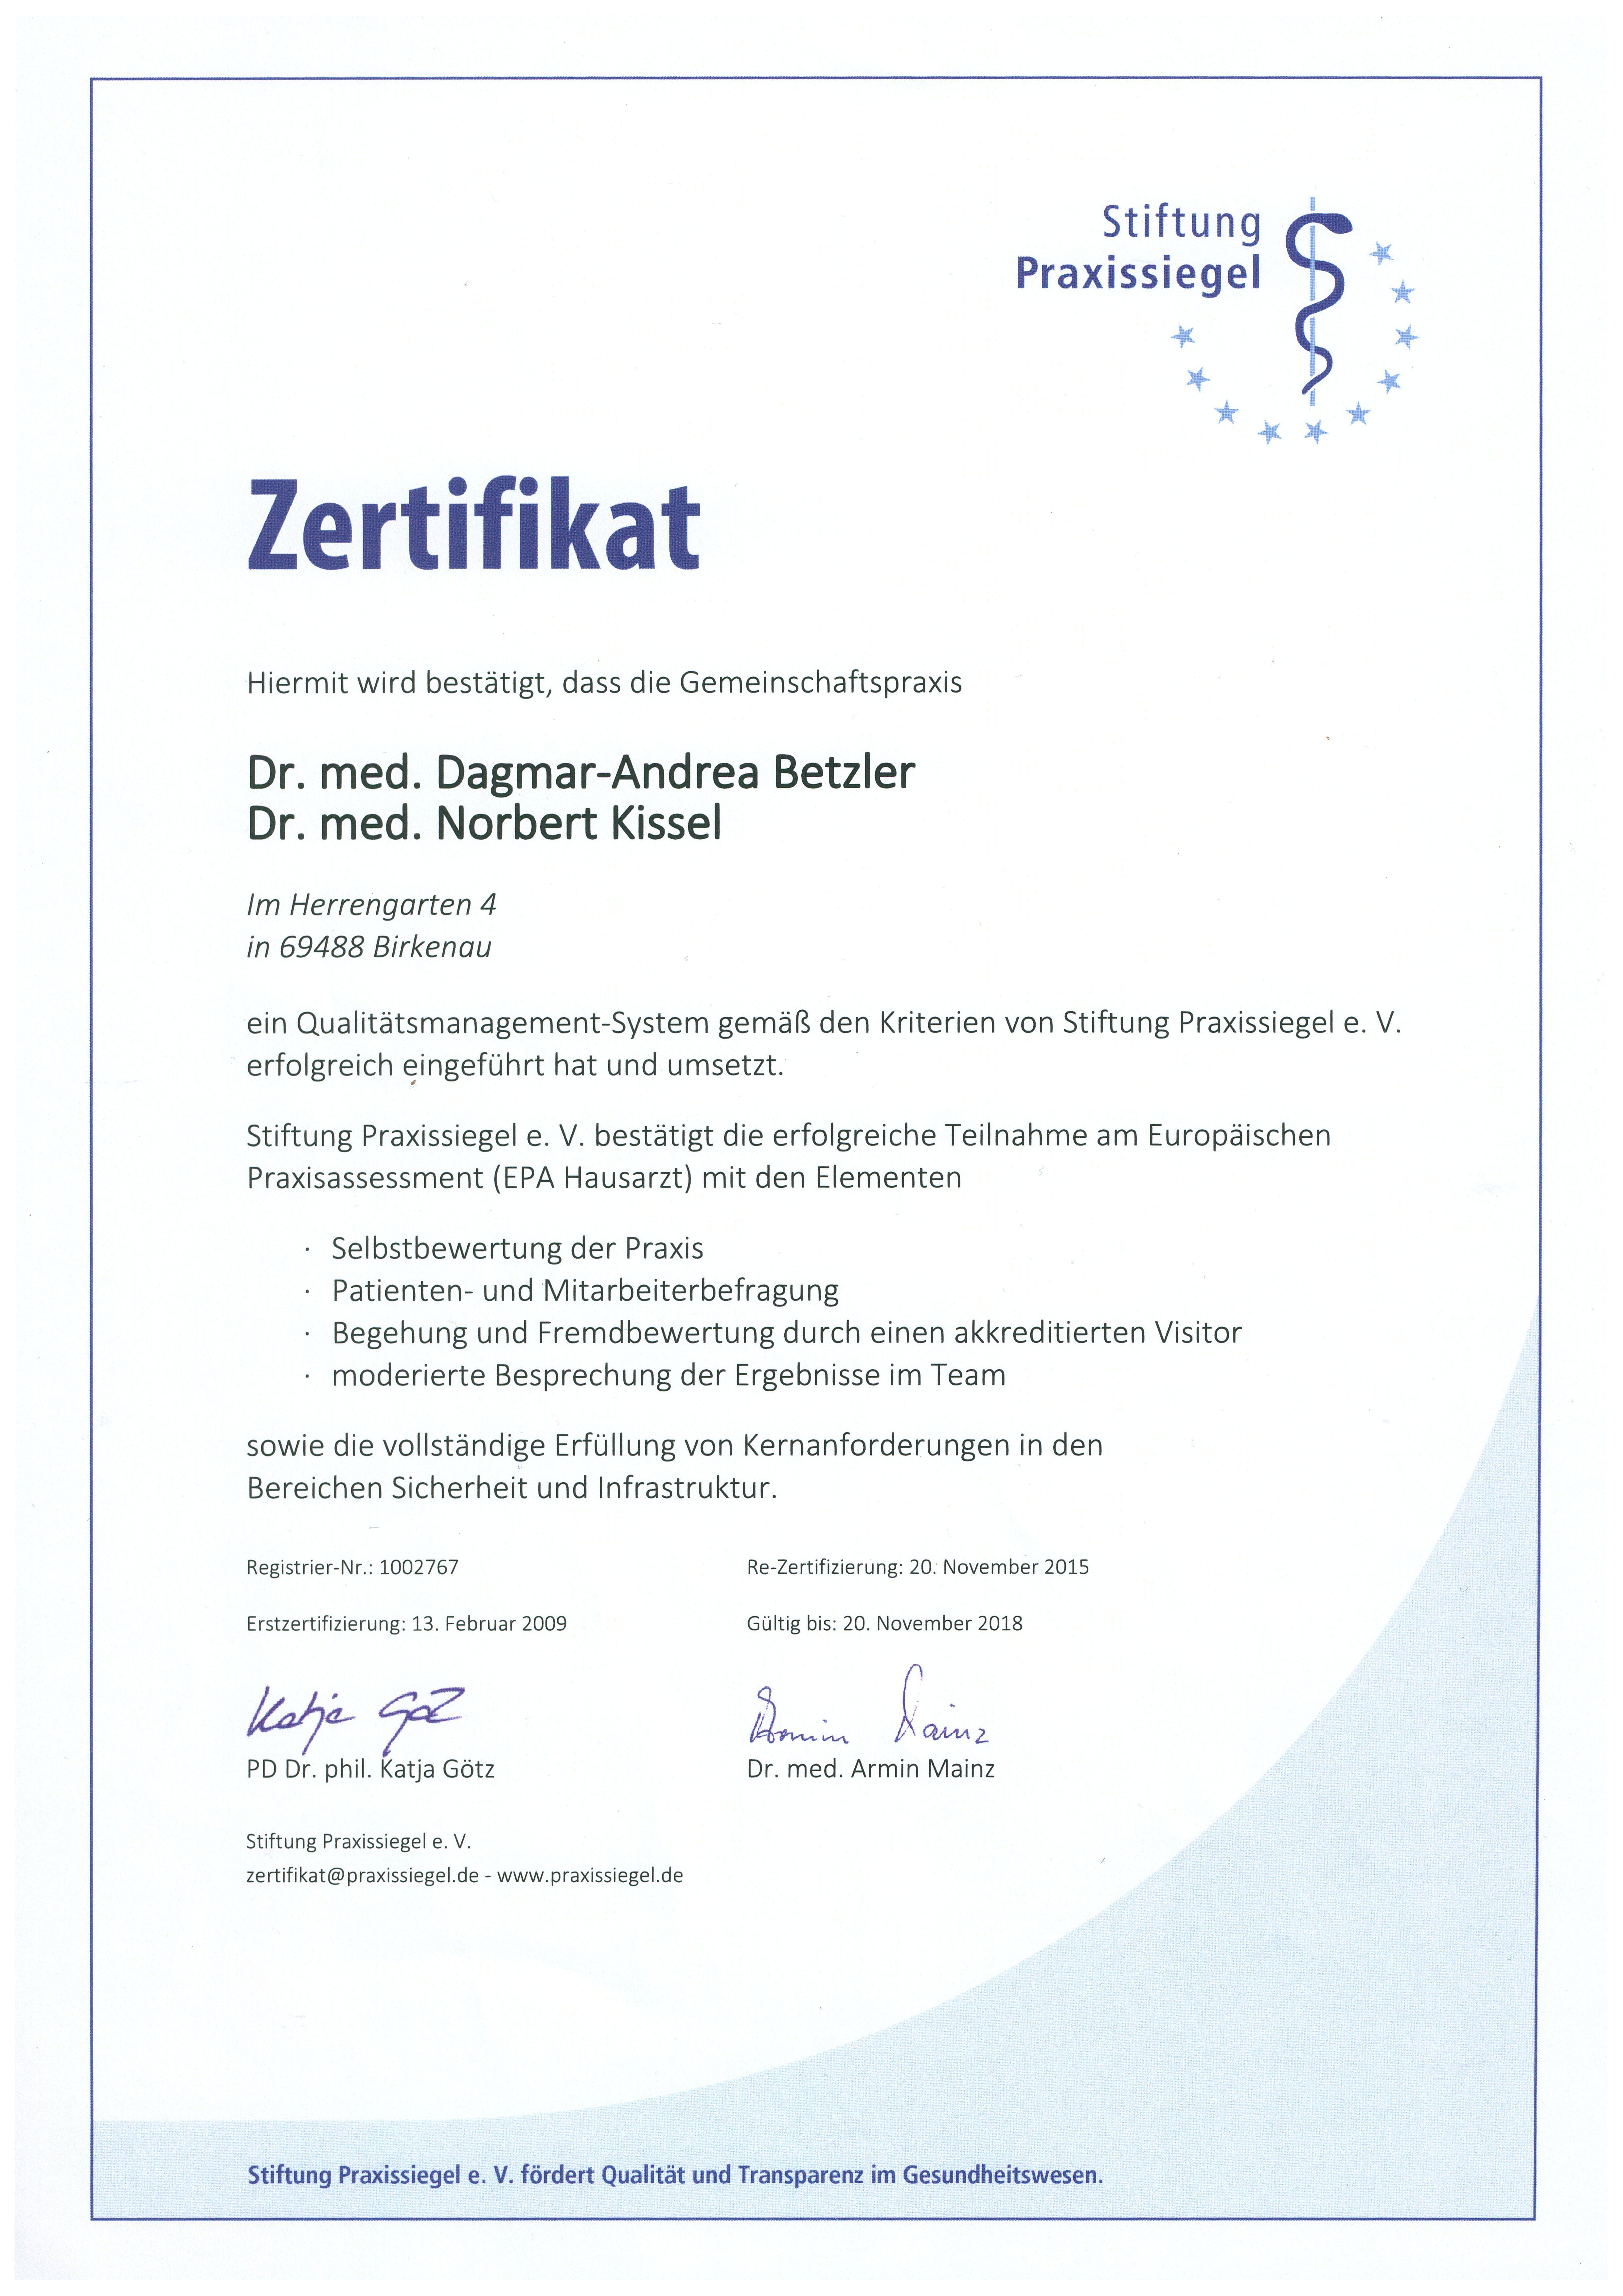 Zertifikat Praxissiegel